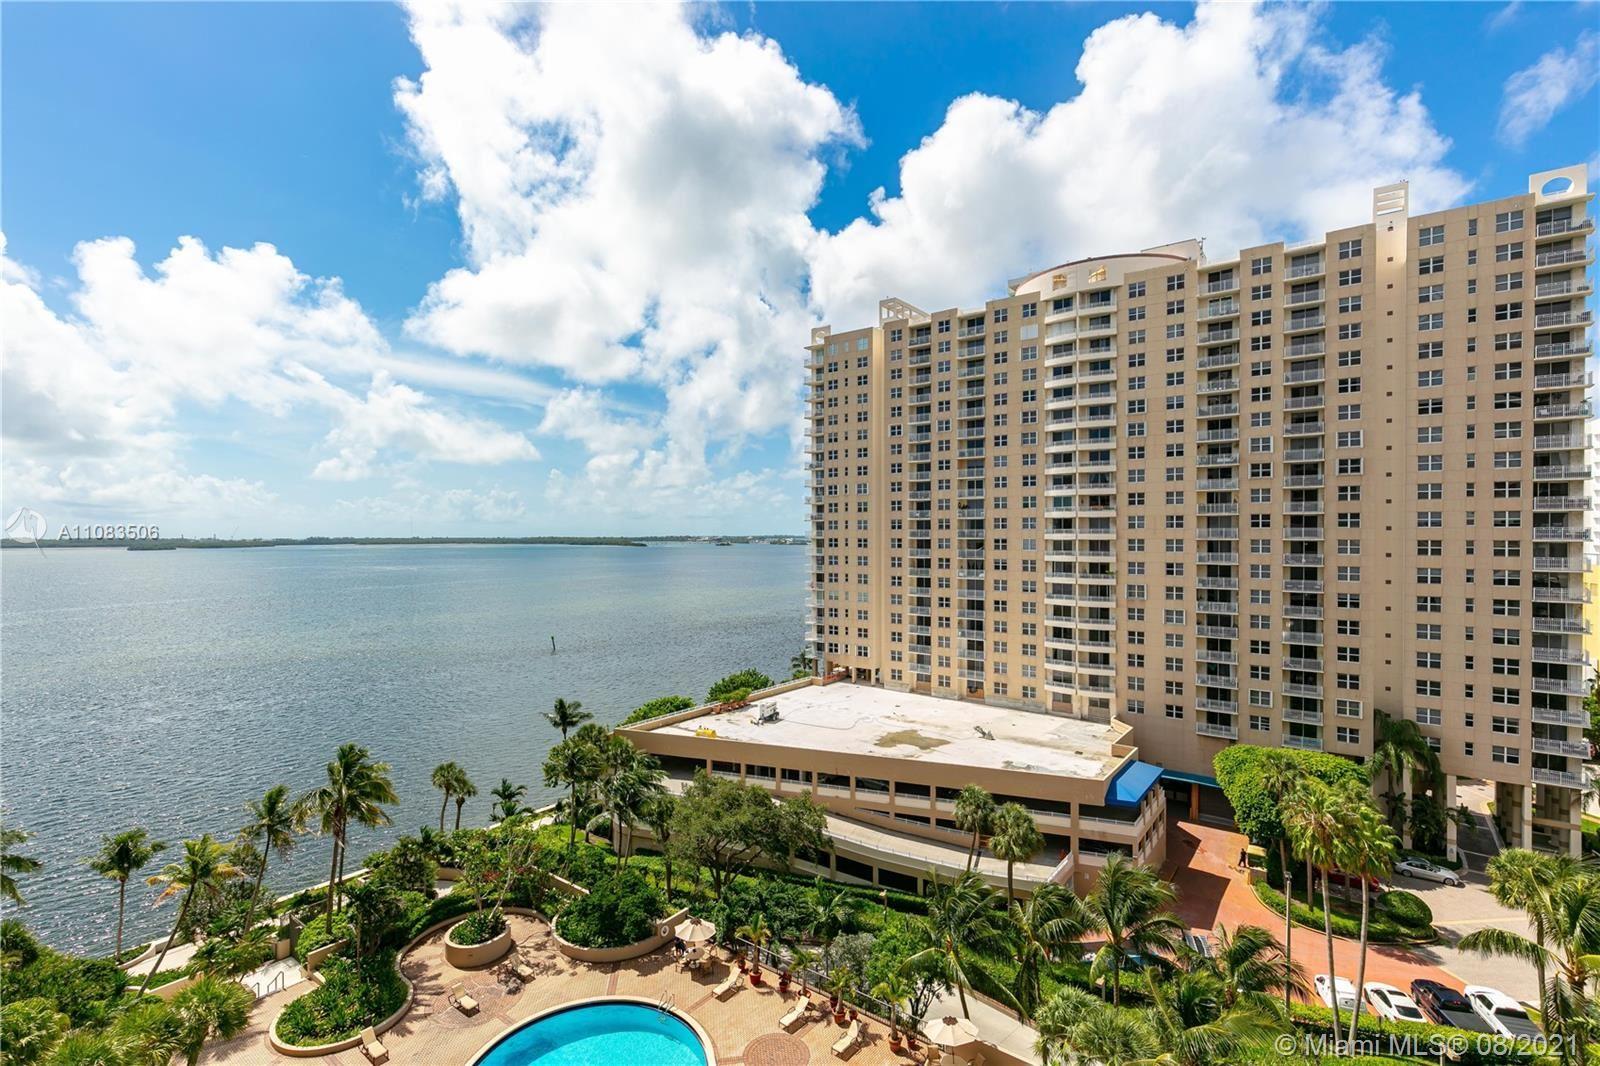 520 Brickell Key Dr #A1101, Miami, FL 33131 - #: A11083506